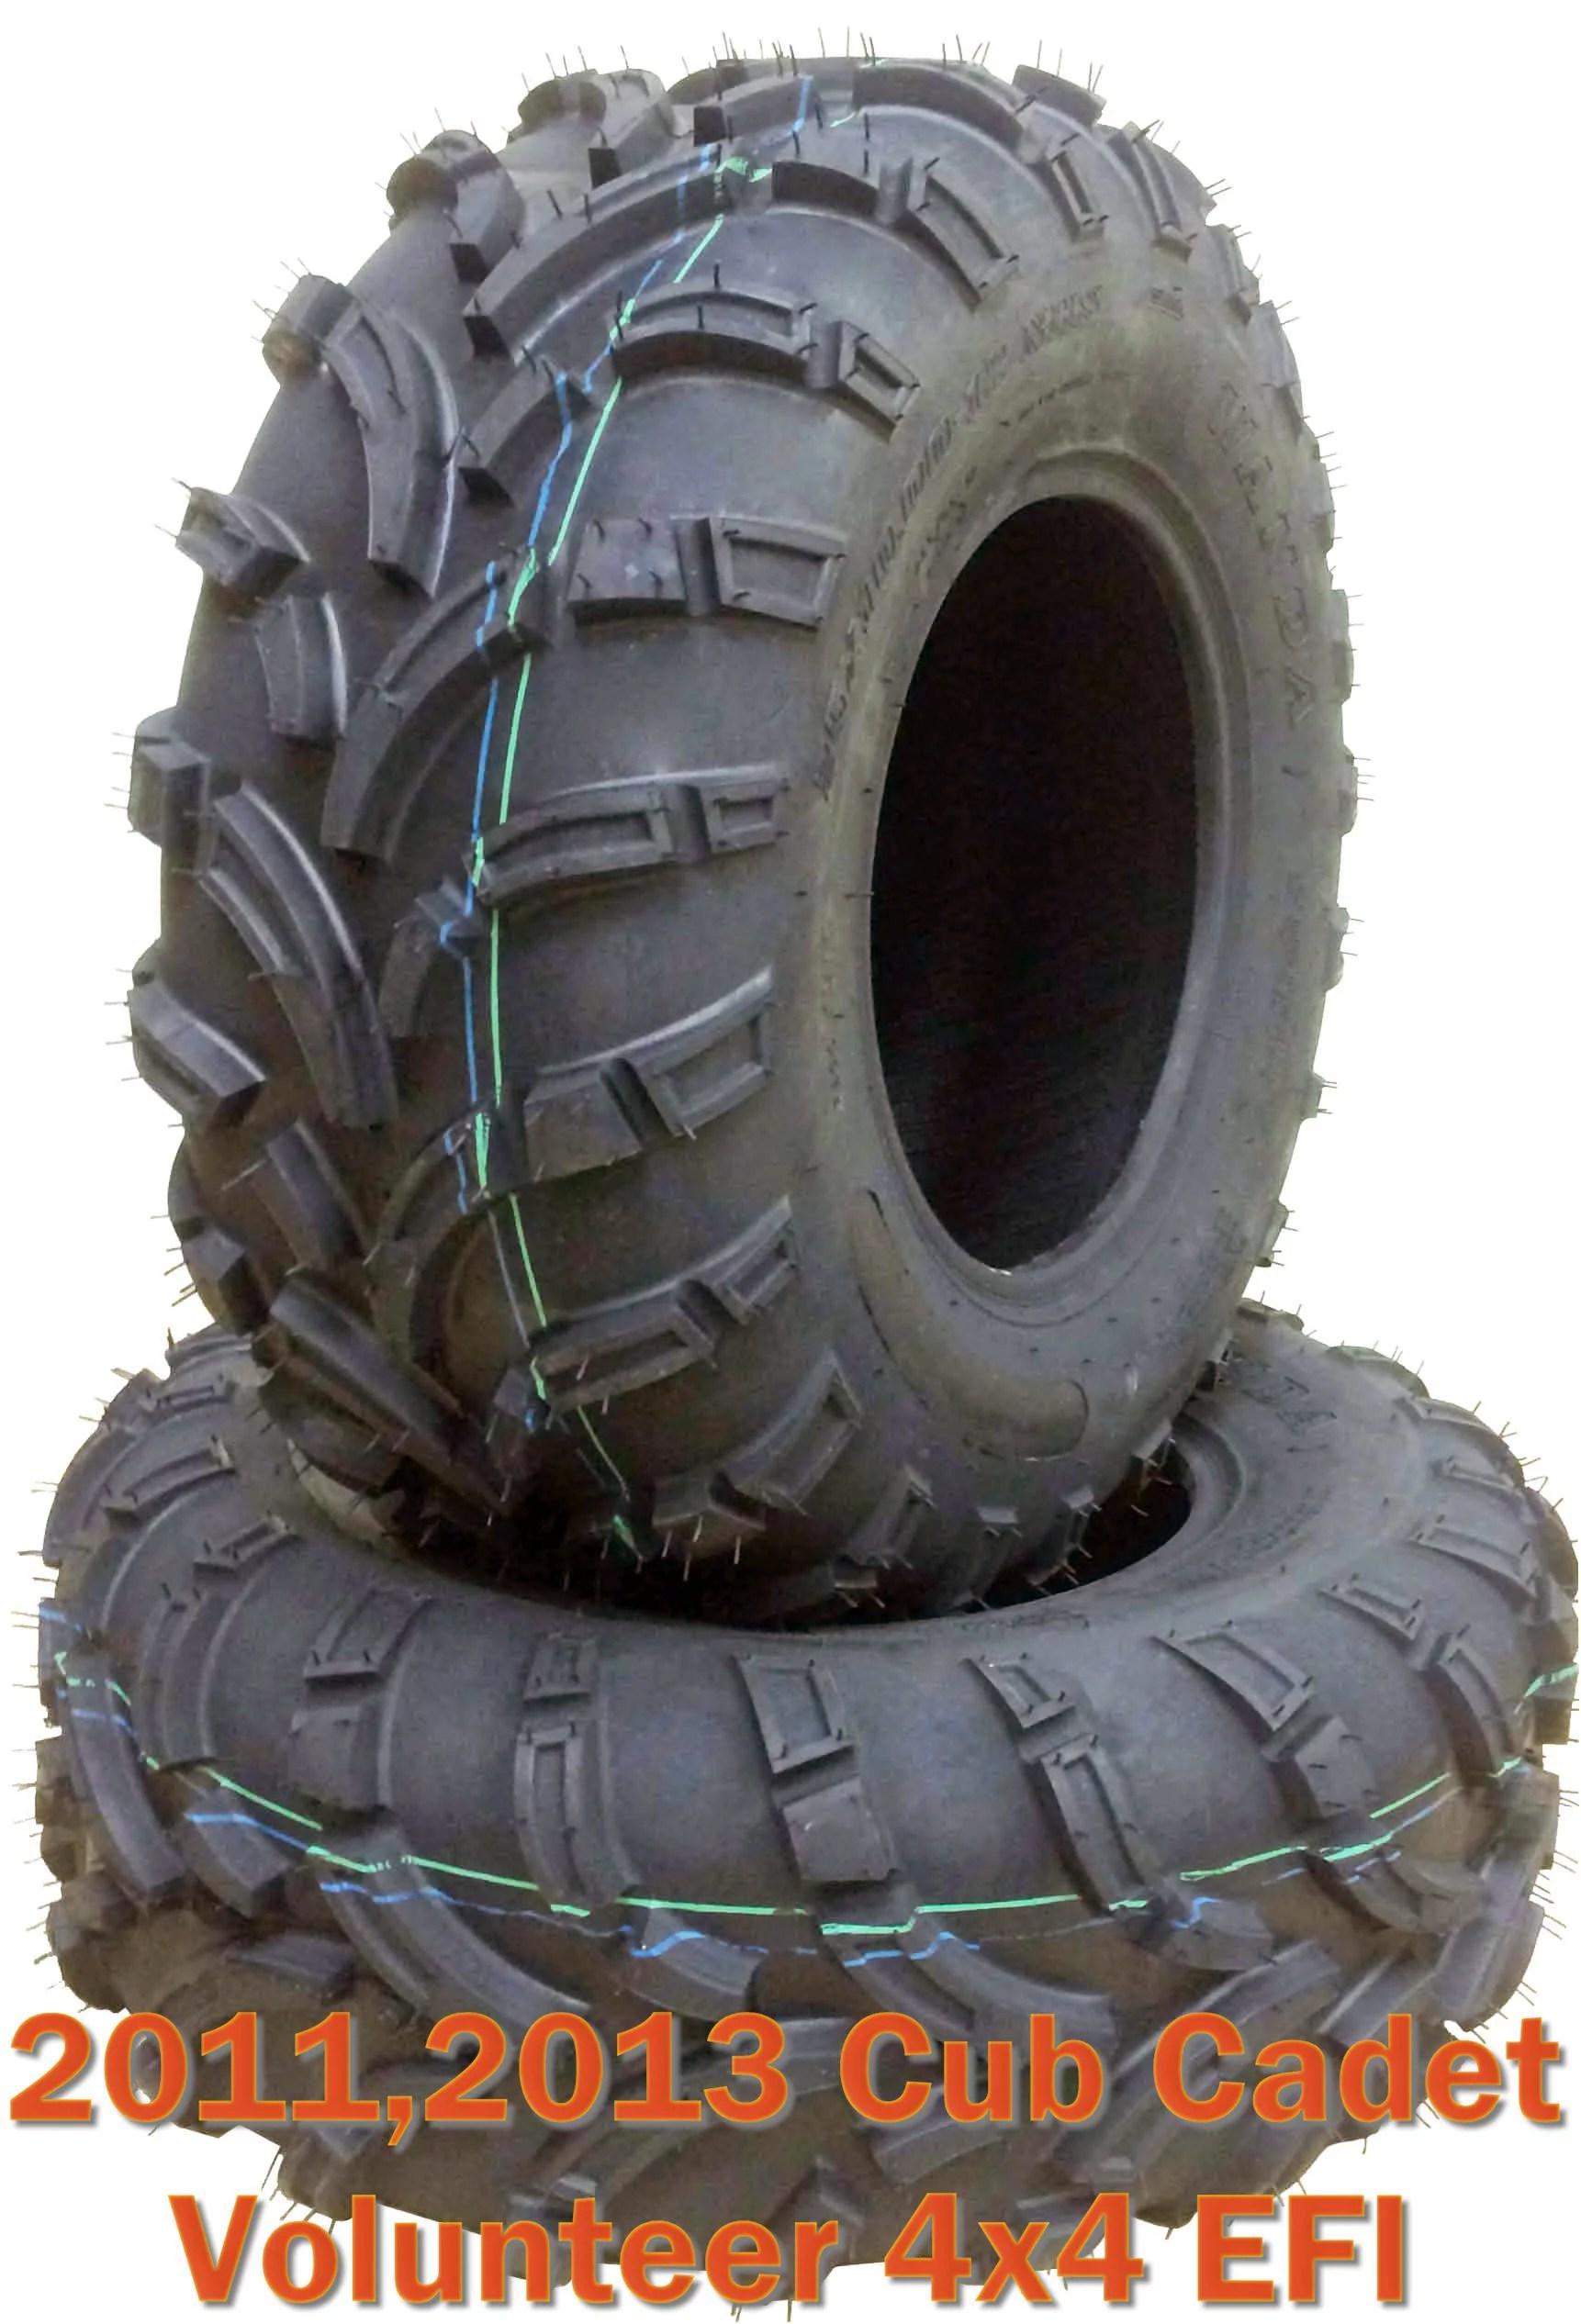 hight resolution of 11 13 cub cadet volunteer 4x4 efi atv front tire set 26x10 12 mud walmart com